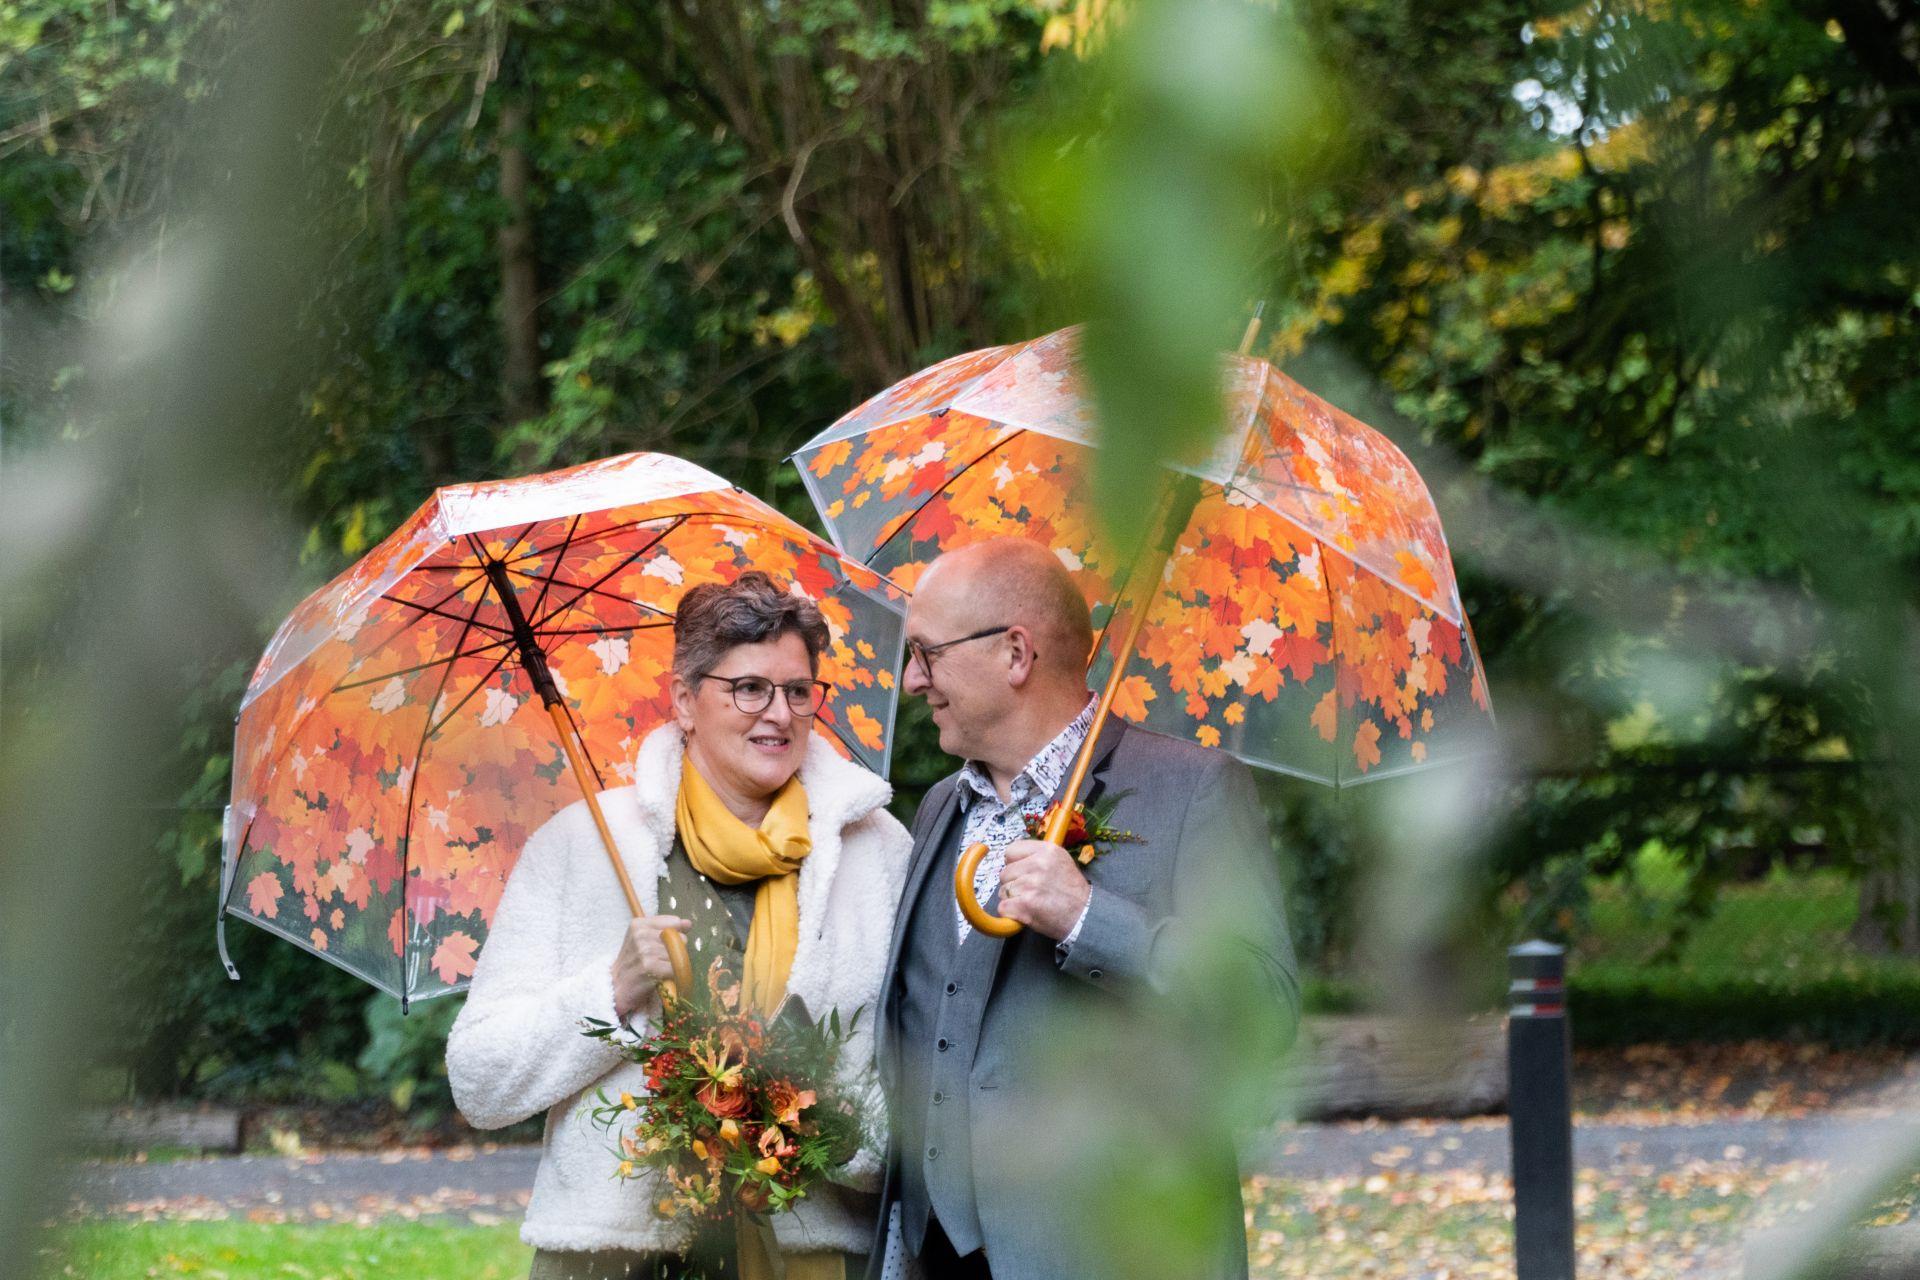 Trouwreportage - trouwfotograaf - bruidsreportage - huwelijksfotograaf